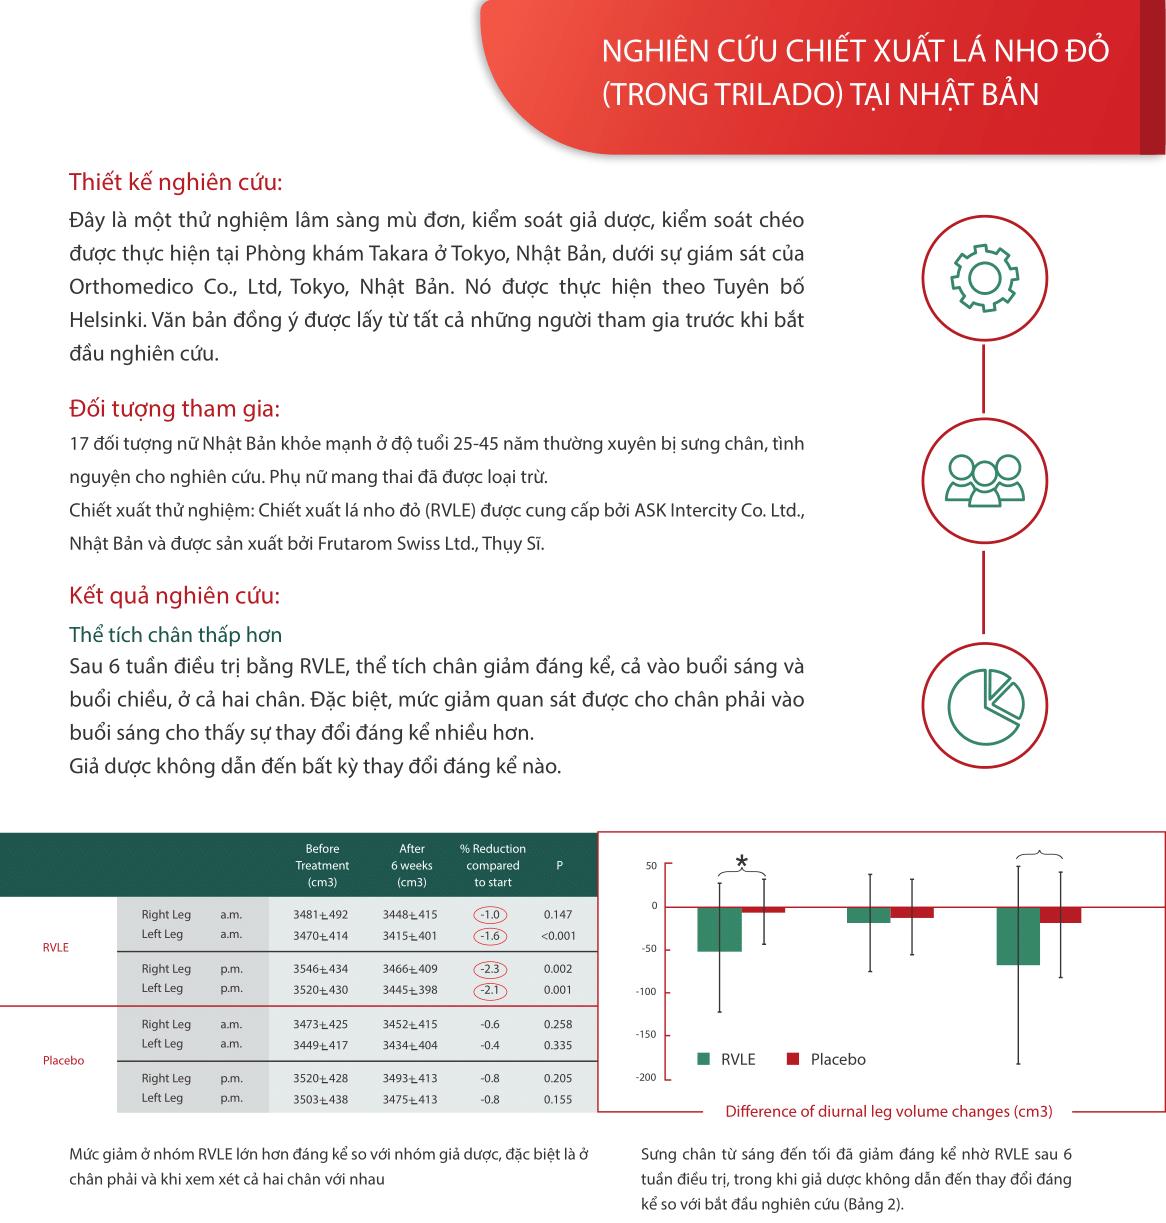 hiệu quả của Trilado